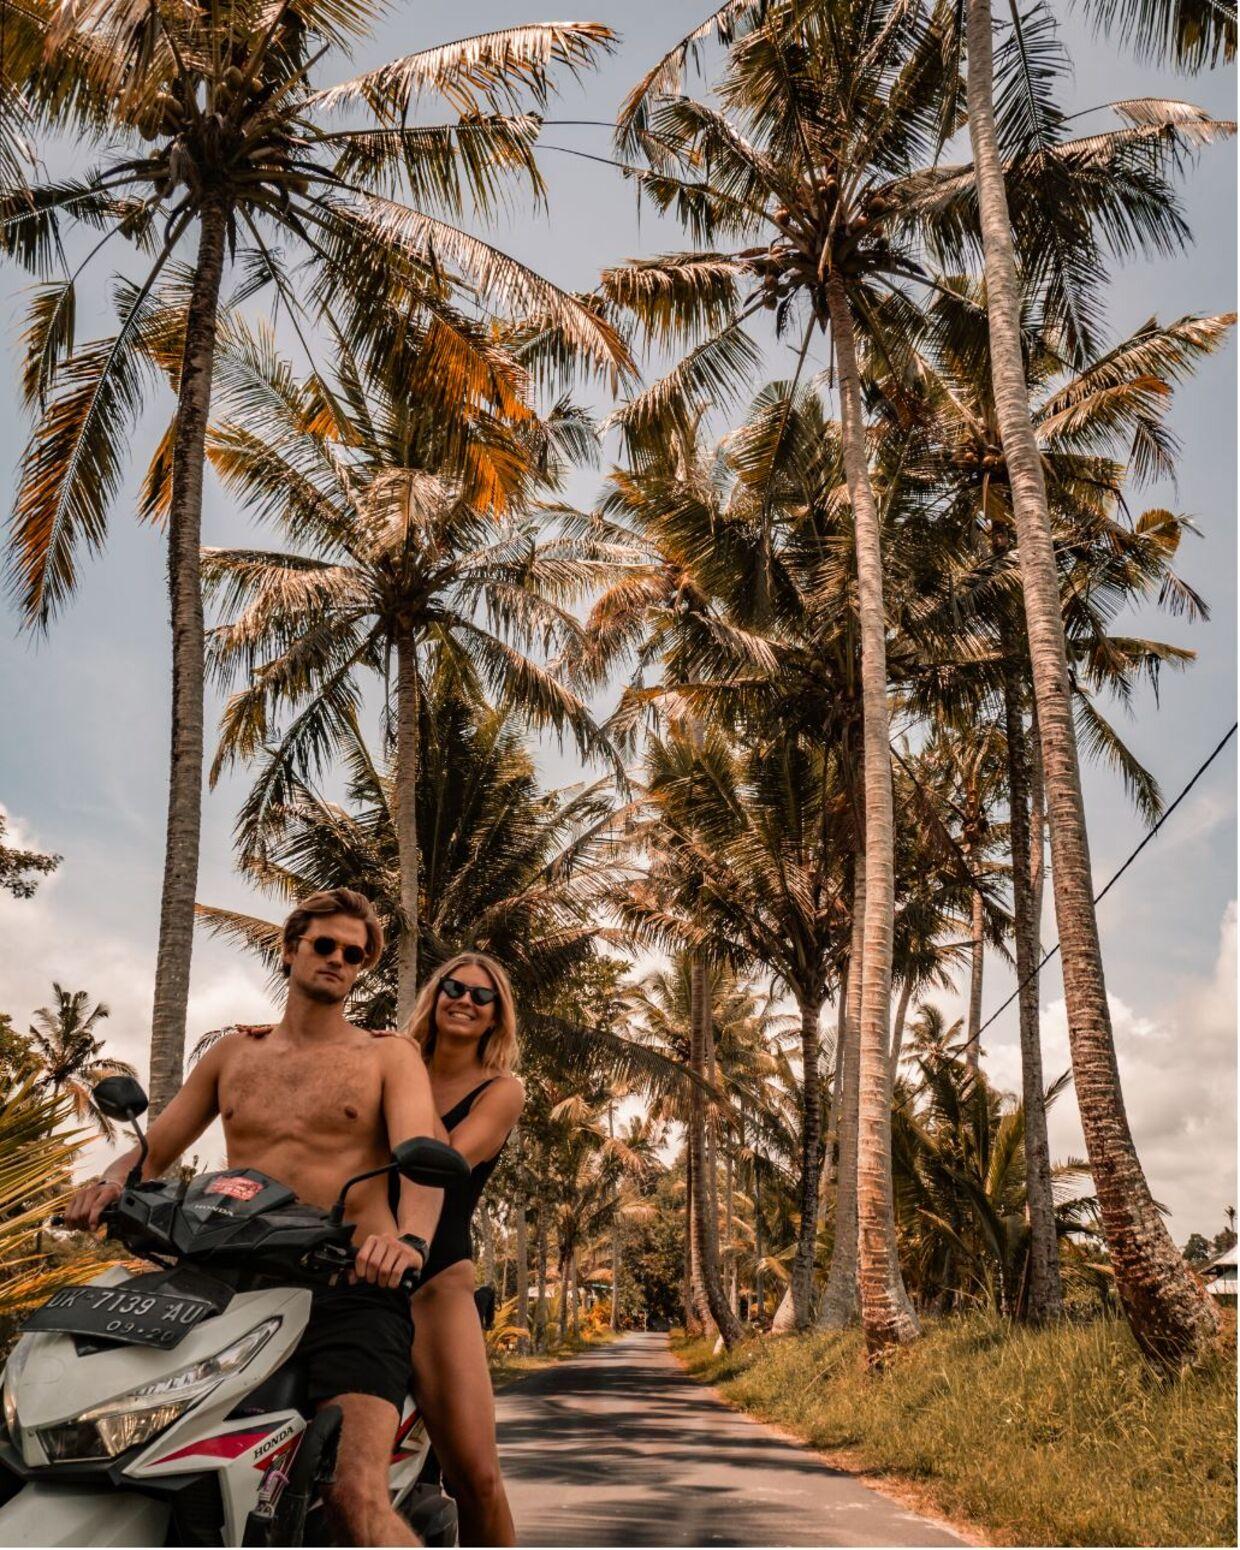 Maja og Stefan har med en enkeltbillet til Portugal besluttet sig for at fortsætte deres rejseeventyr.